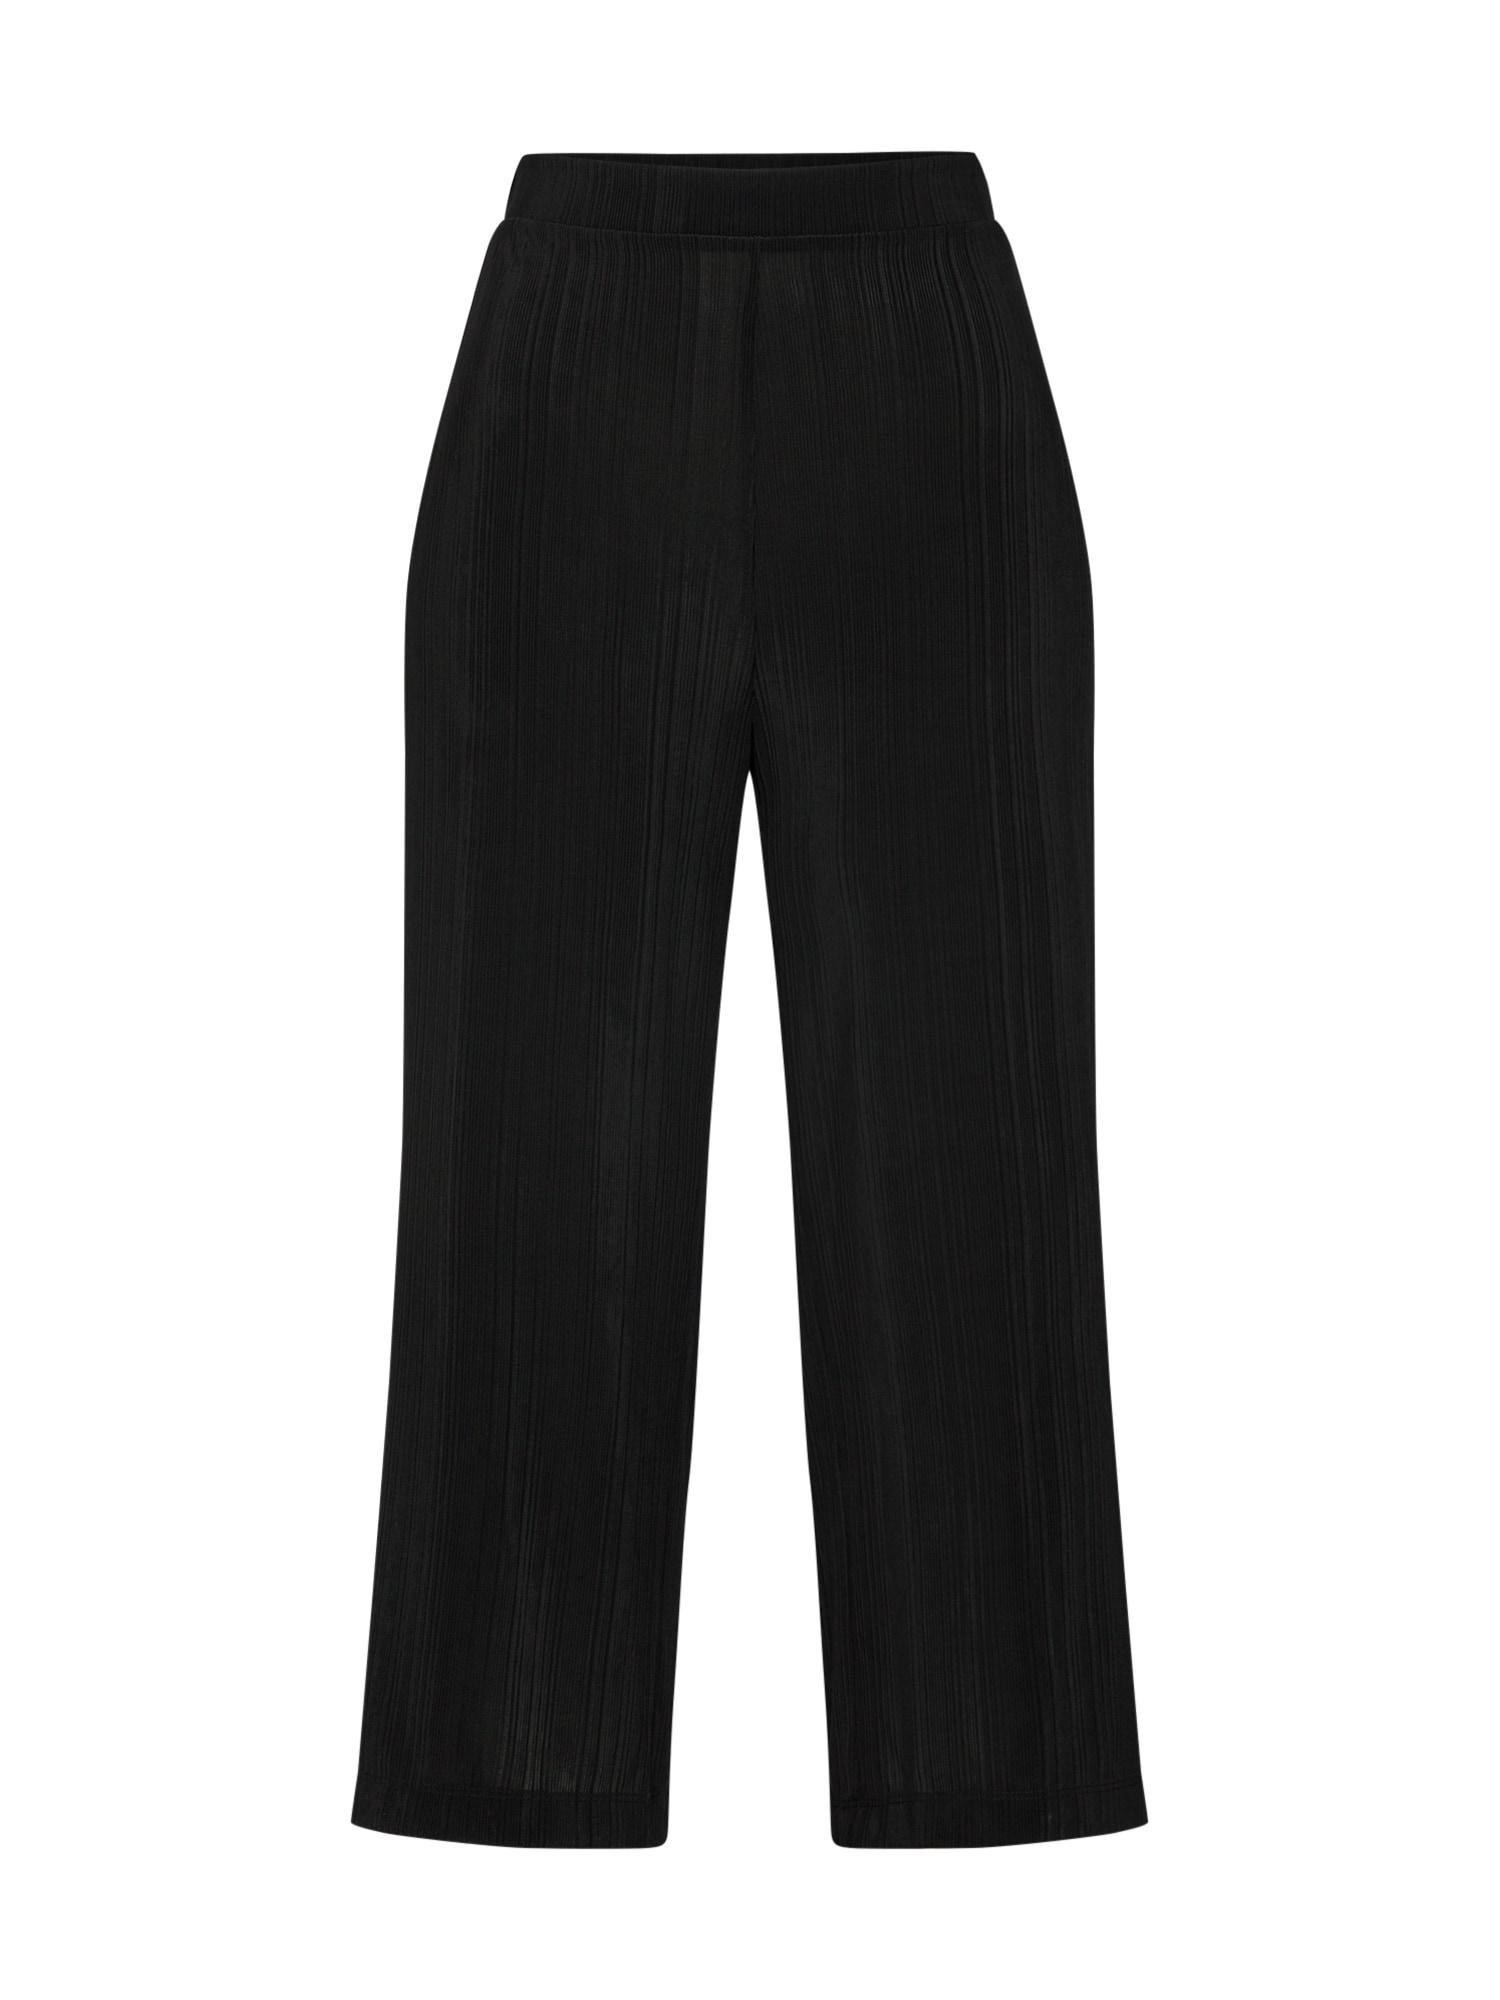 Kalhoty Sophia černá MOSS COPENHAGEN